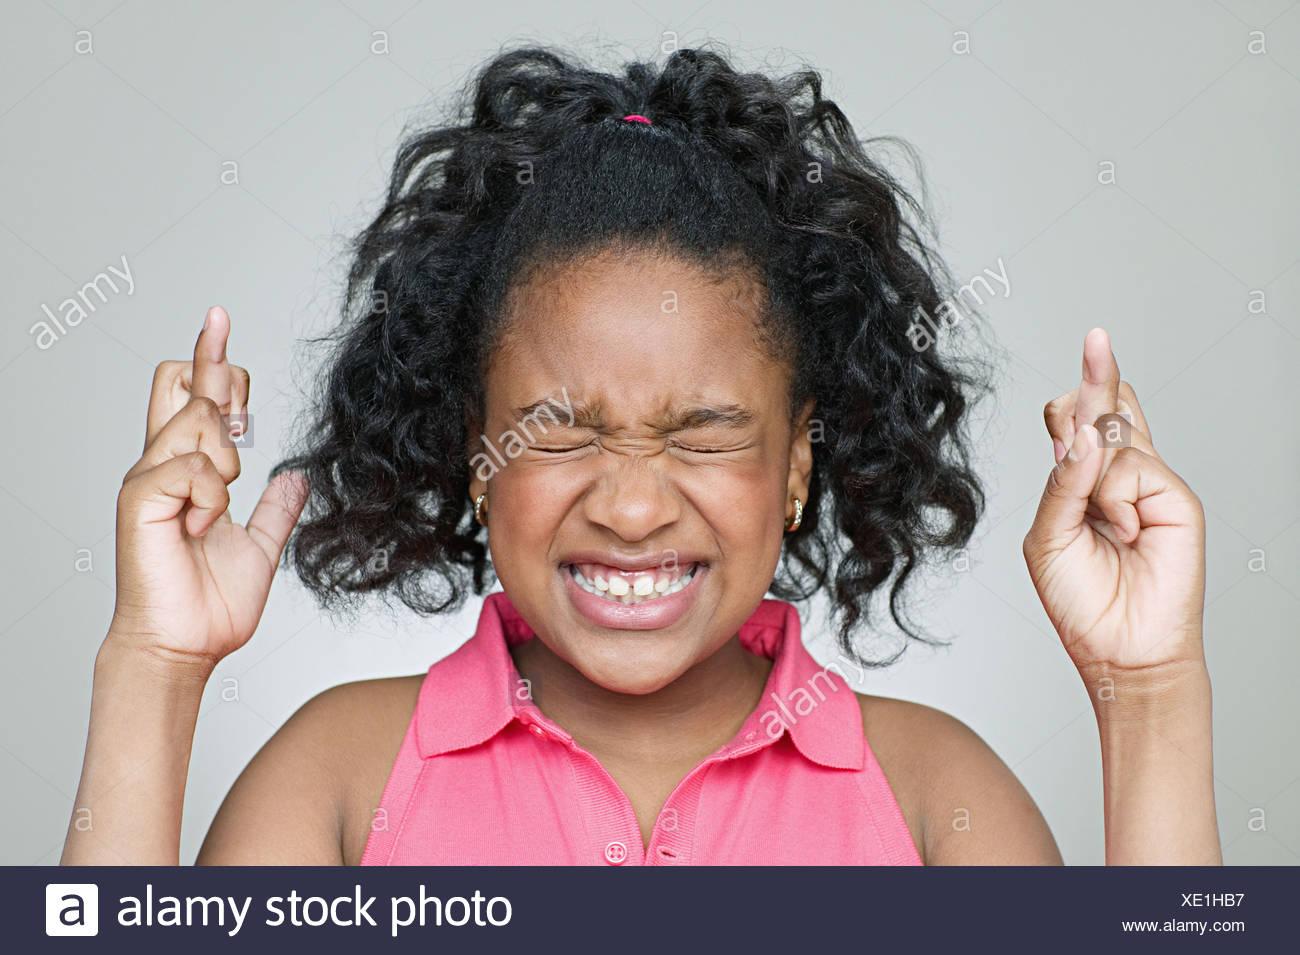 Black girl fingers